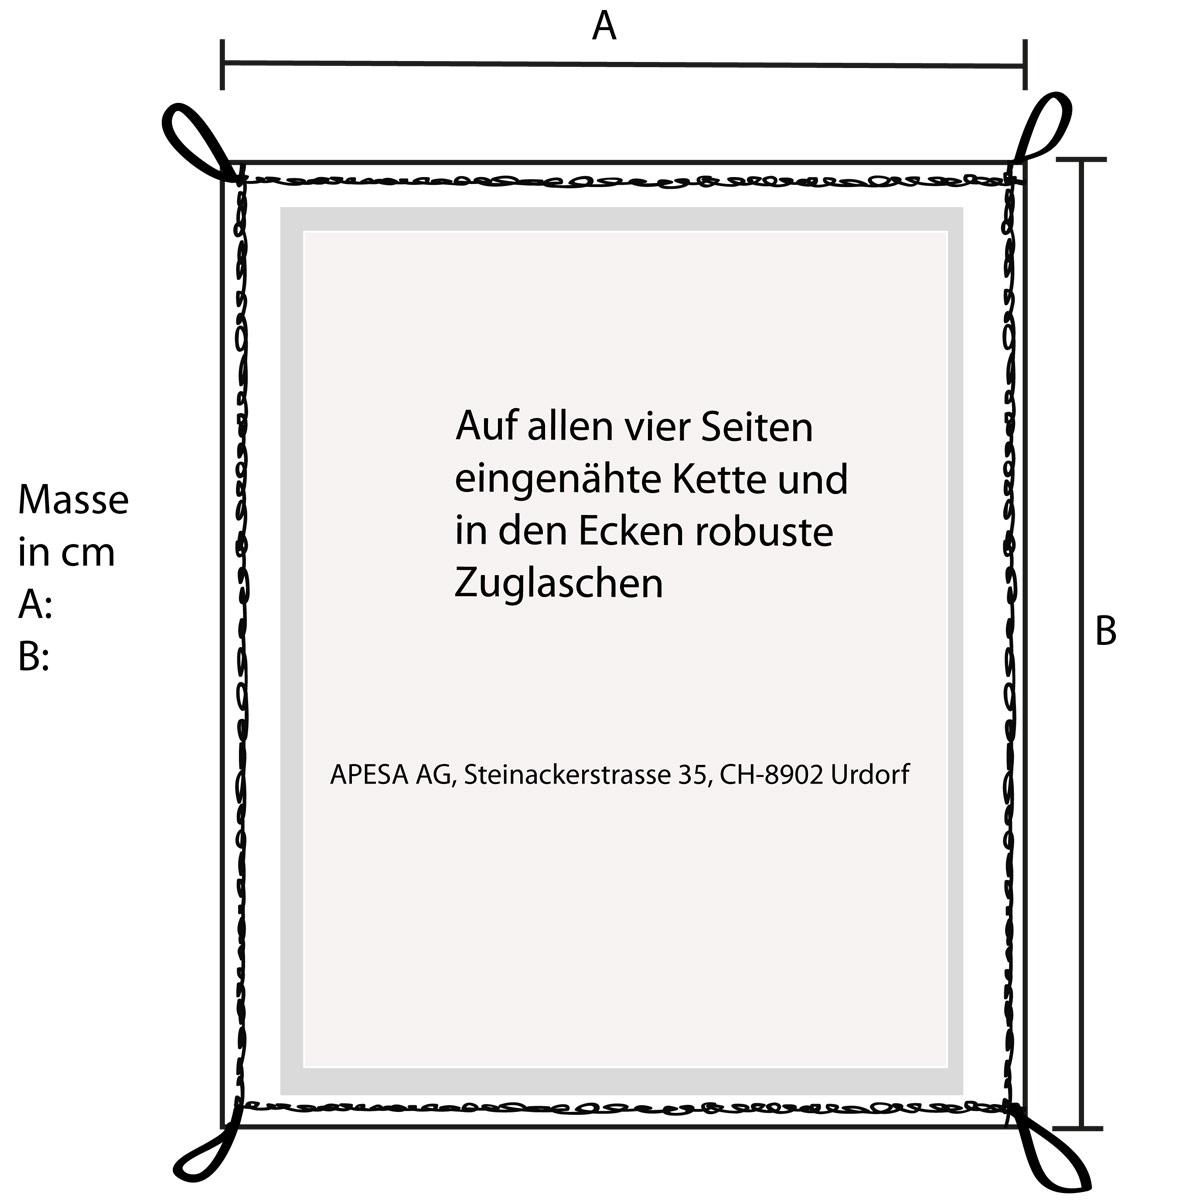 APESA Porfi-Sandkasten-Abdeckung mit Ketten und Zuglaschen